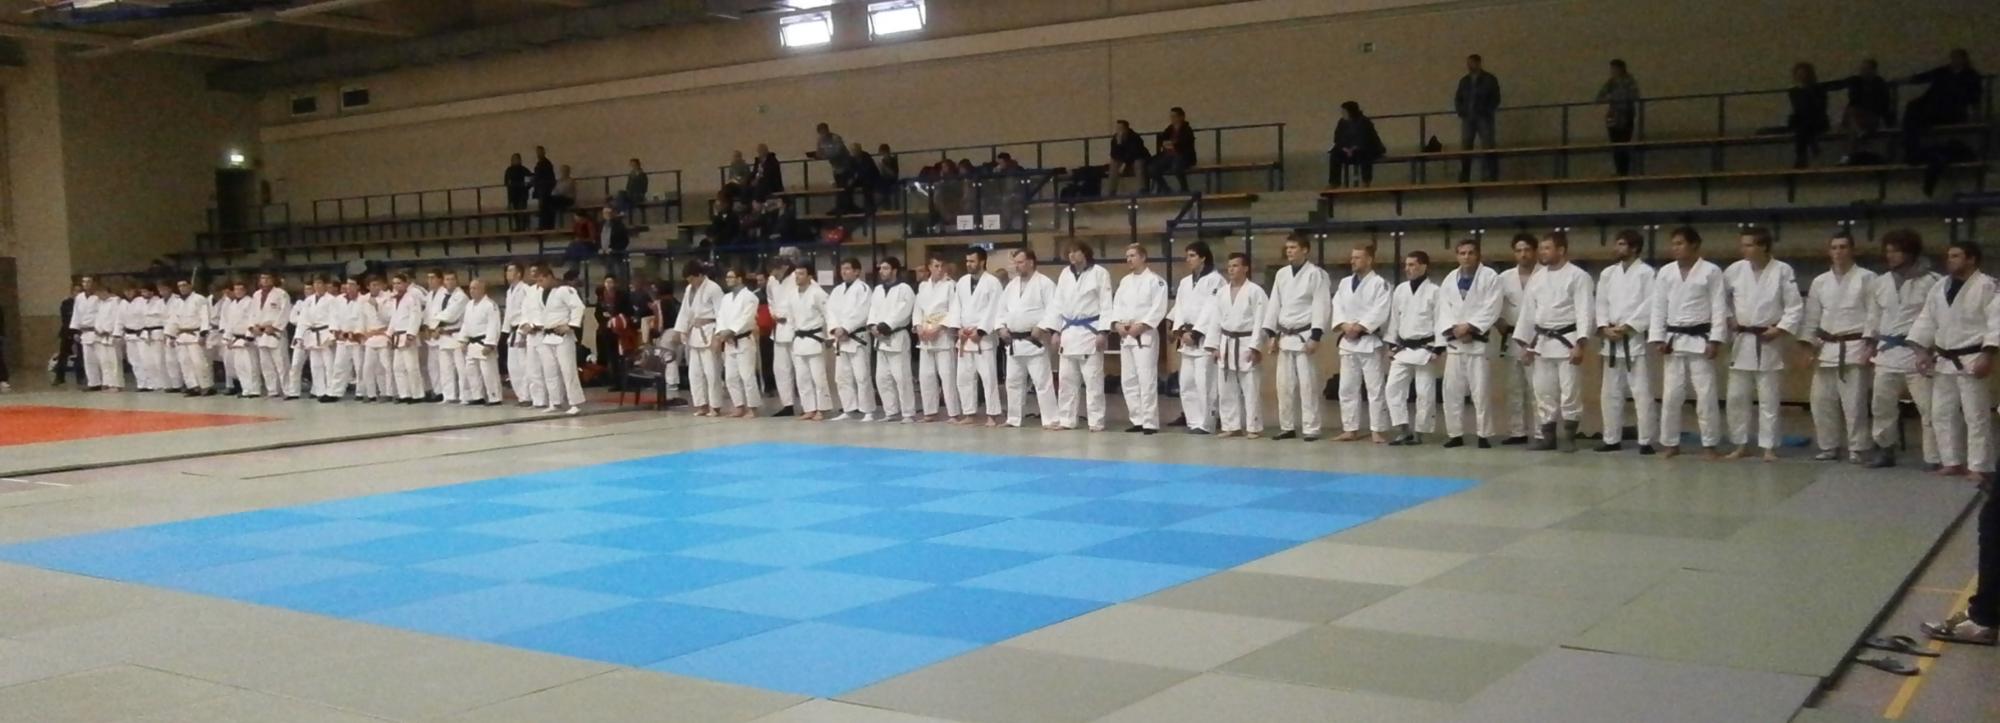 Judo_BEM021114_01